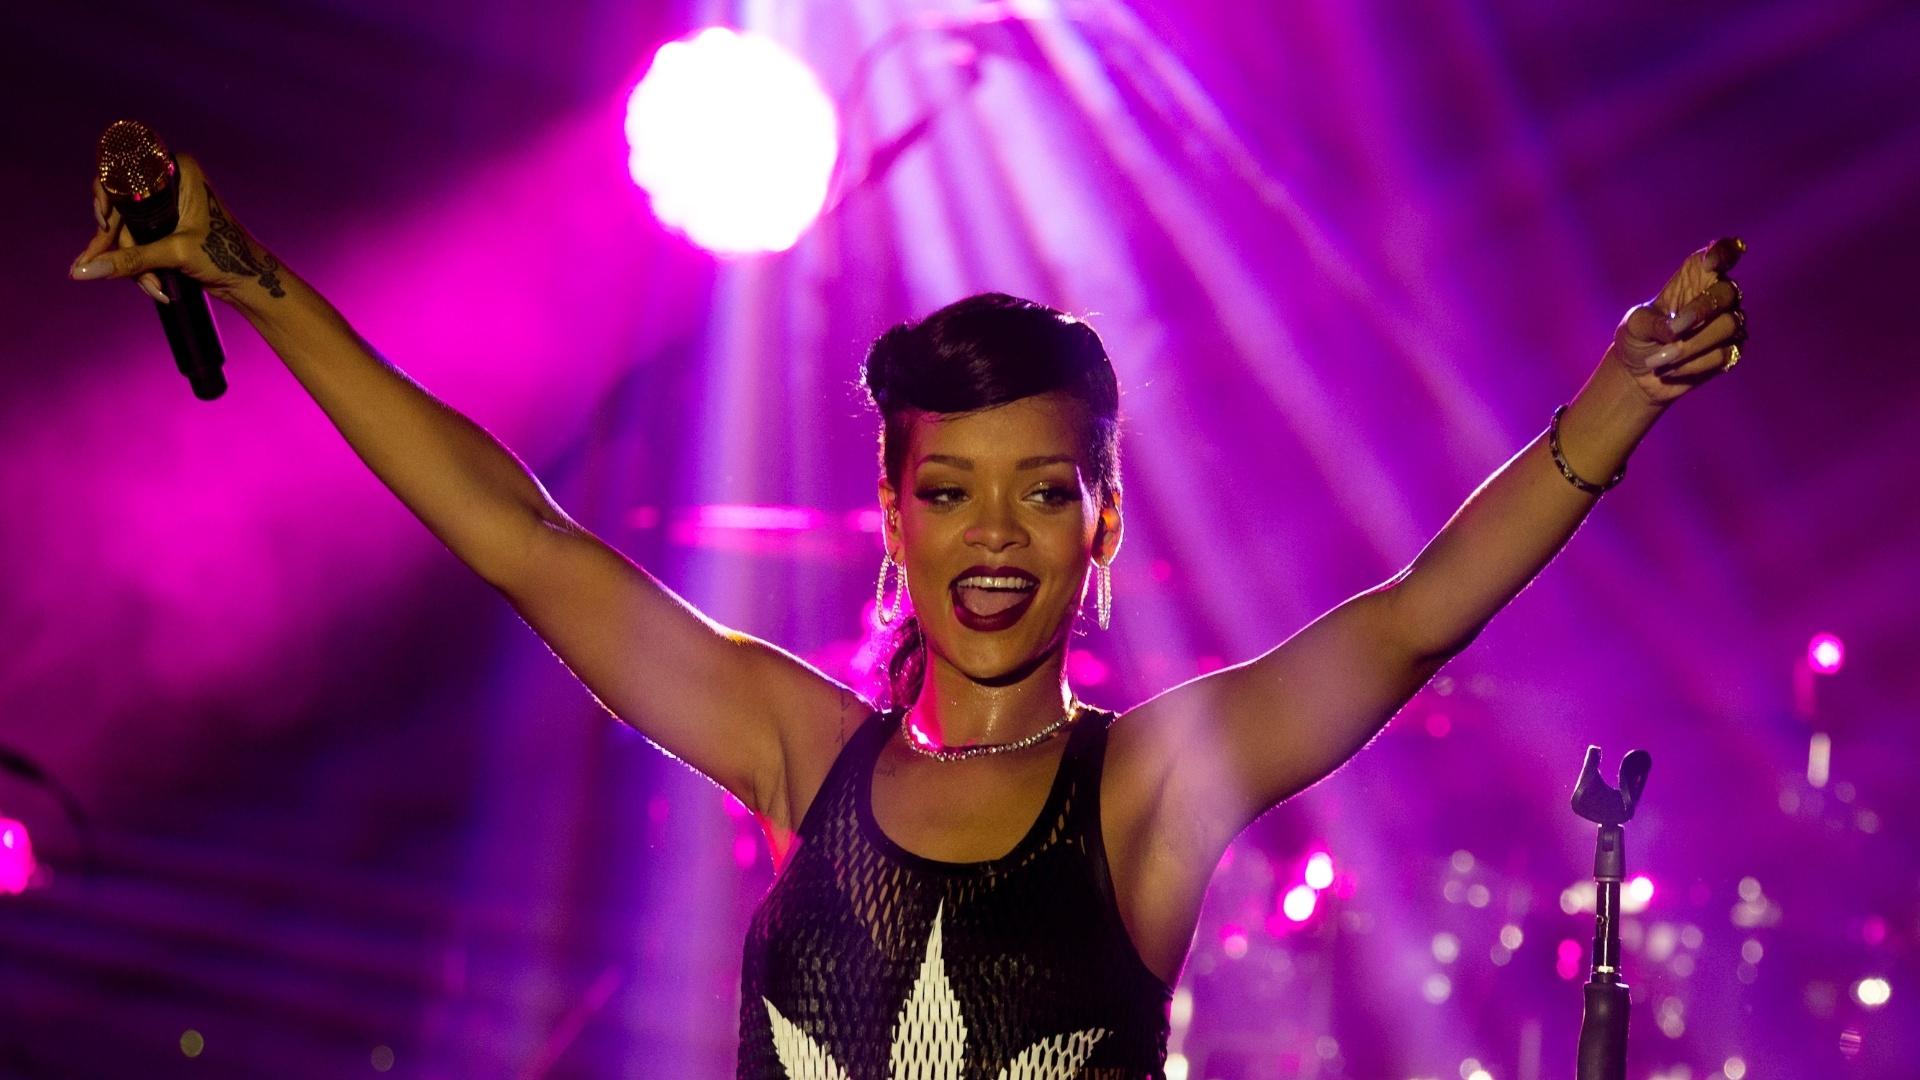 Rihanna usou uma blusa com uma folha da maconha estampada durante show em Berlin, na Alemanha (18/11/12). A apresentação faz parte da turnê